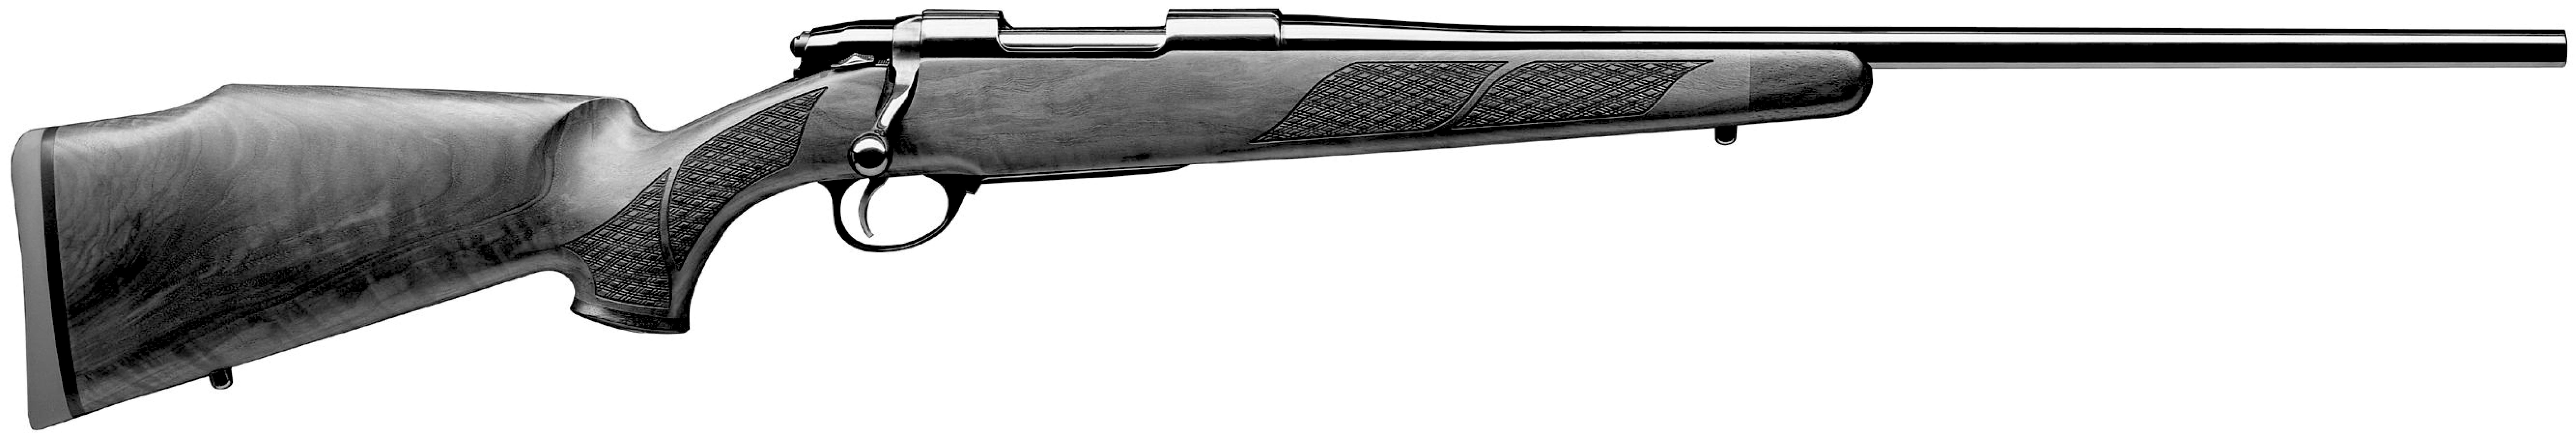 Model 75 Deluxe